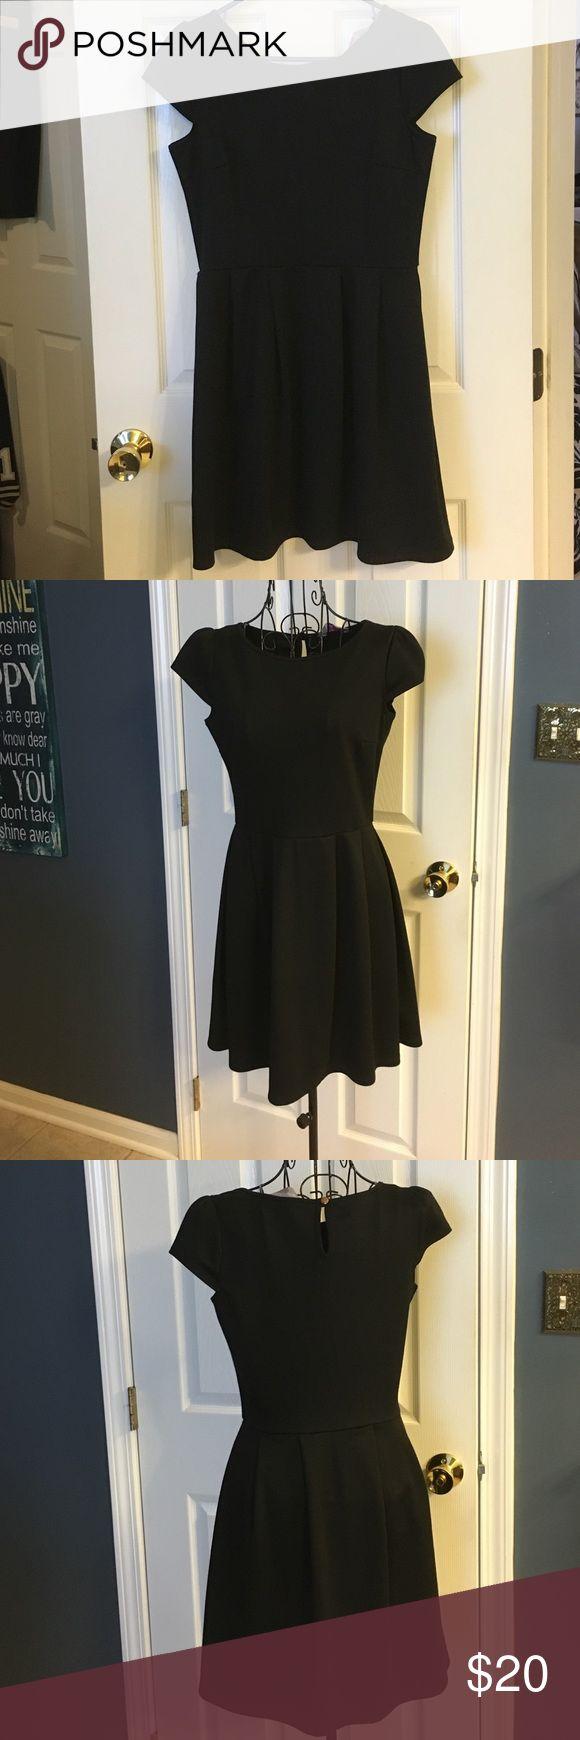 """Dorthy Perkins black dress 32 1/2"""" from shoulder Dorthy Perkins black dress 32 1/2 inches from shoulder dorthy perkins Dresses Midi"""